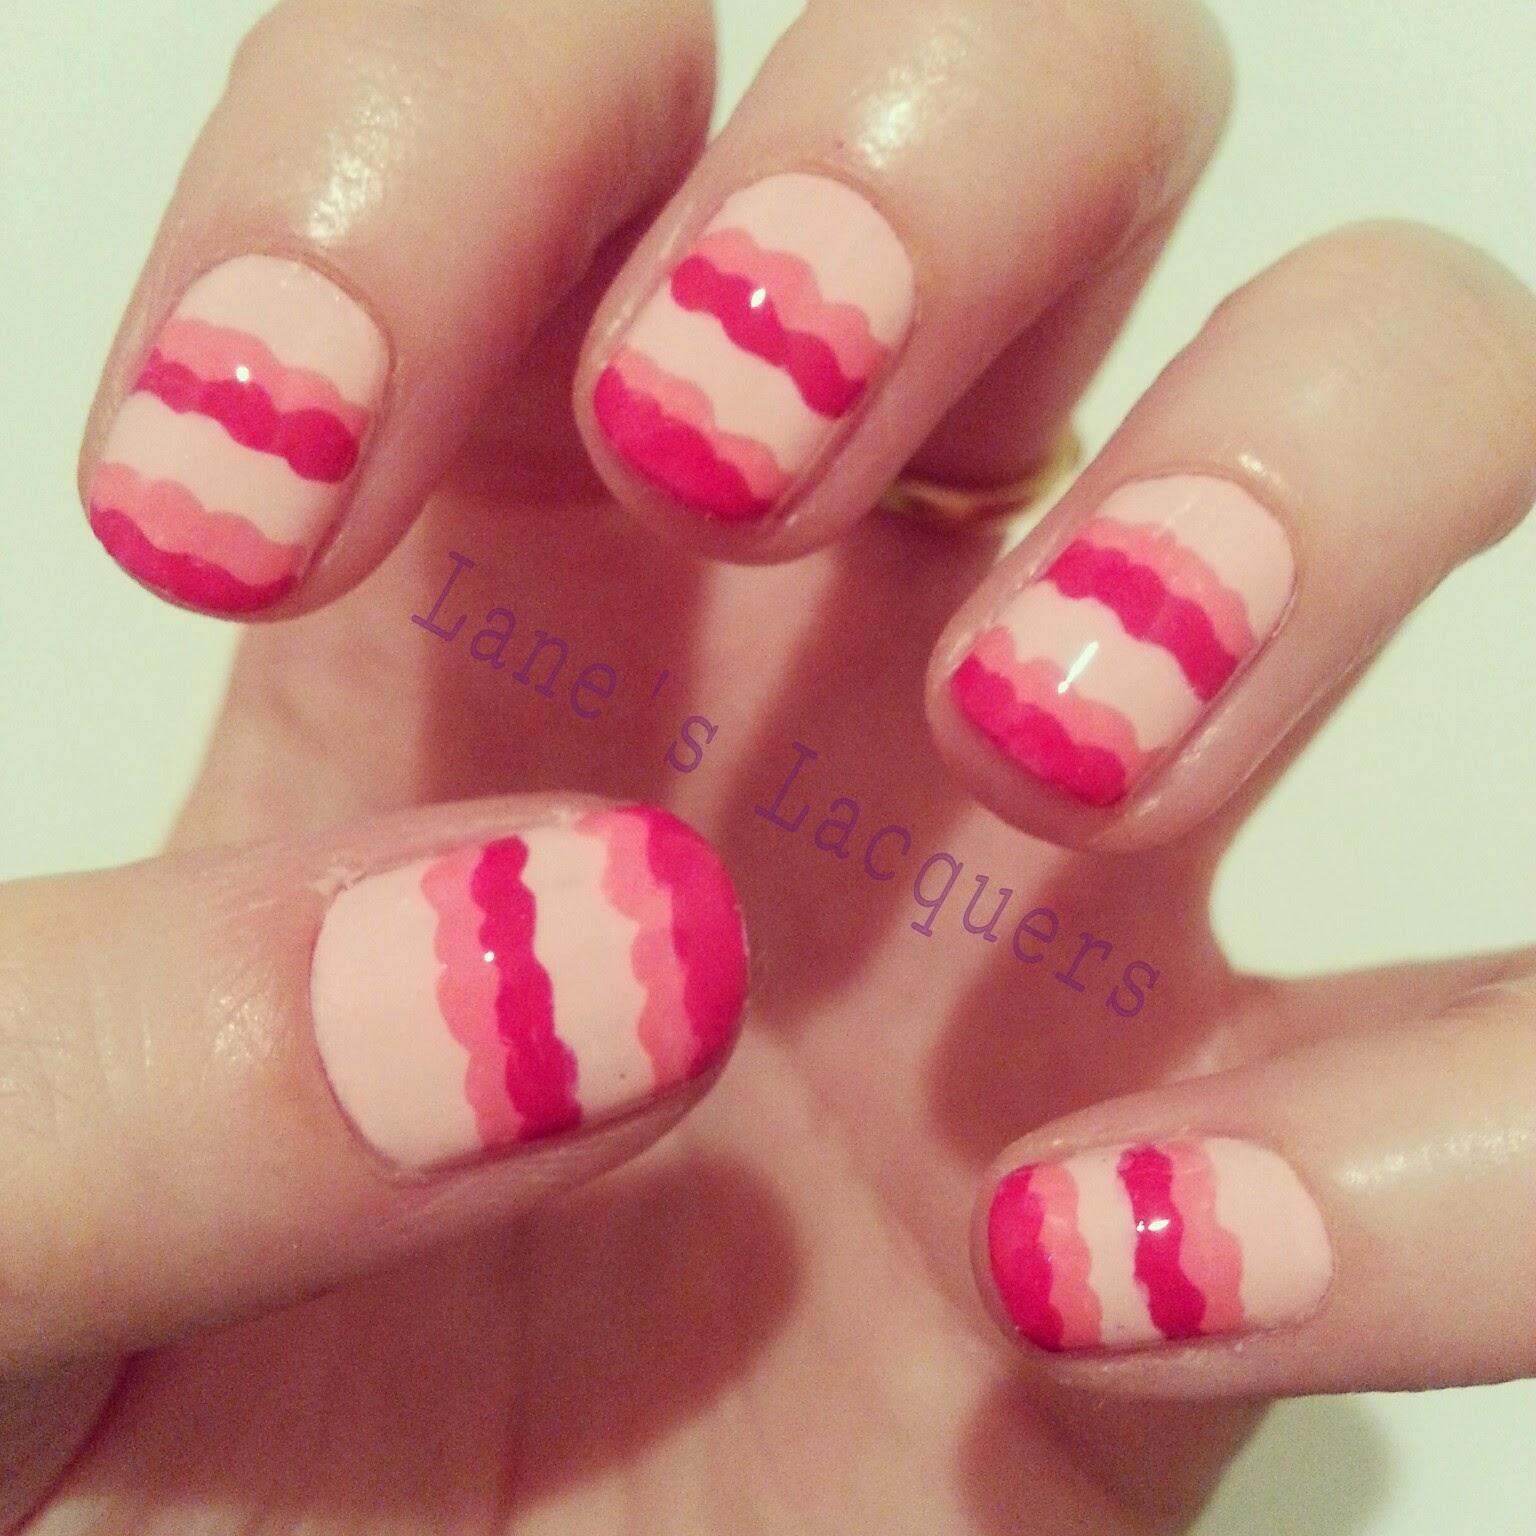 GOT-polish-challenge-pink-ruffle-manicure